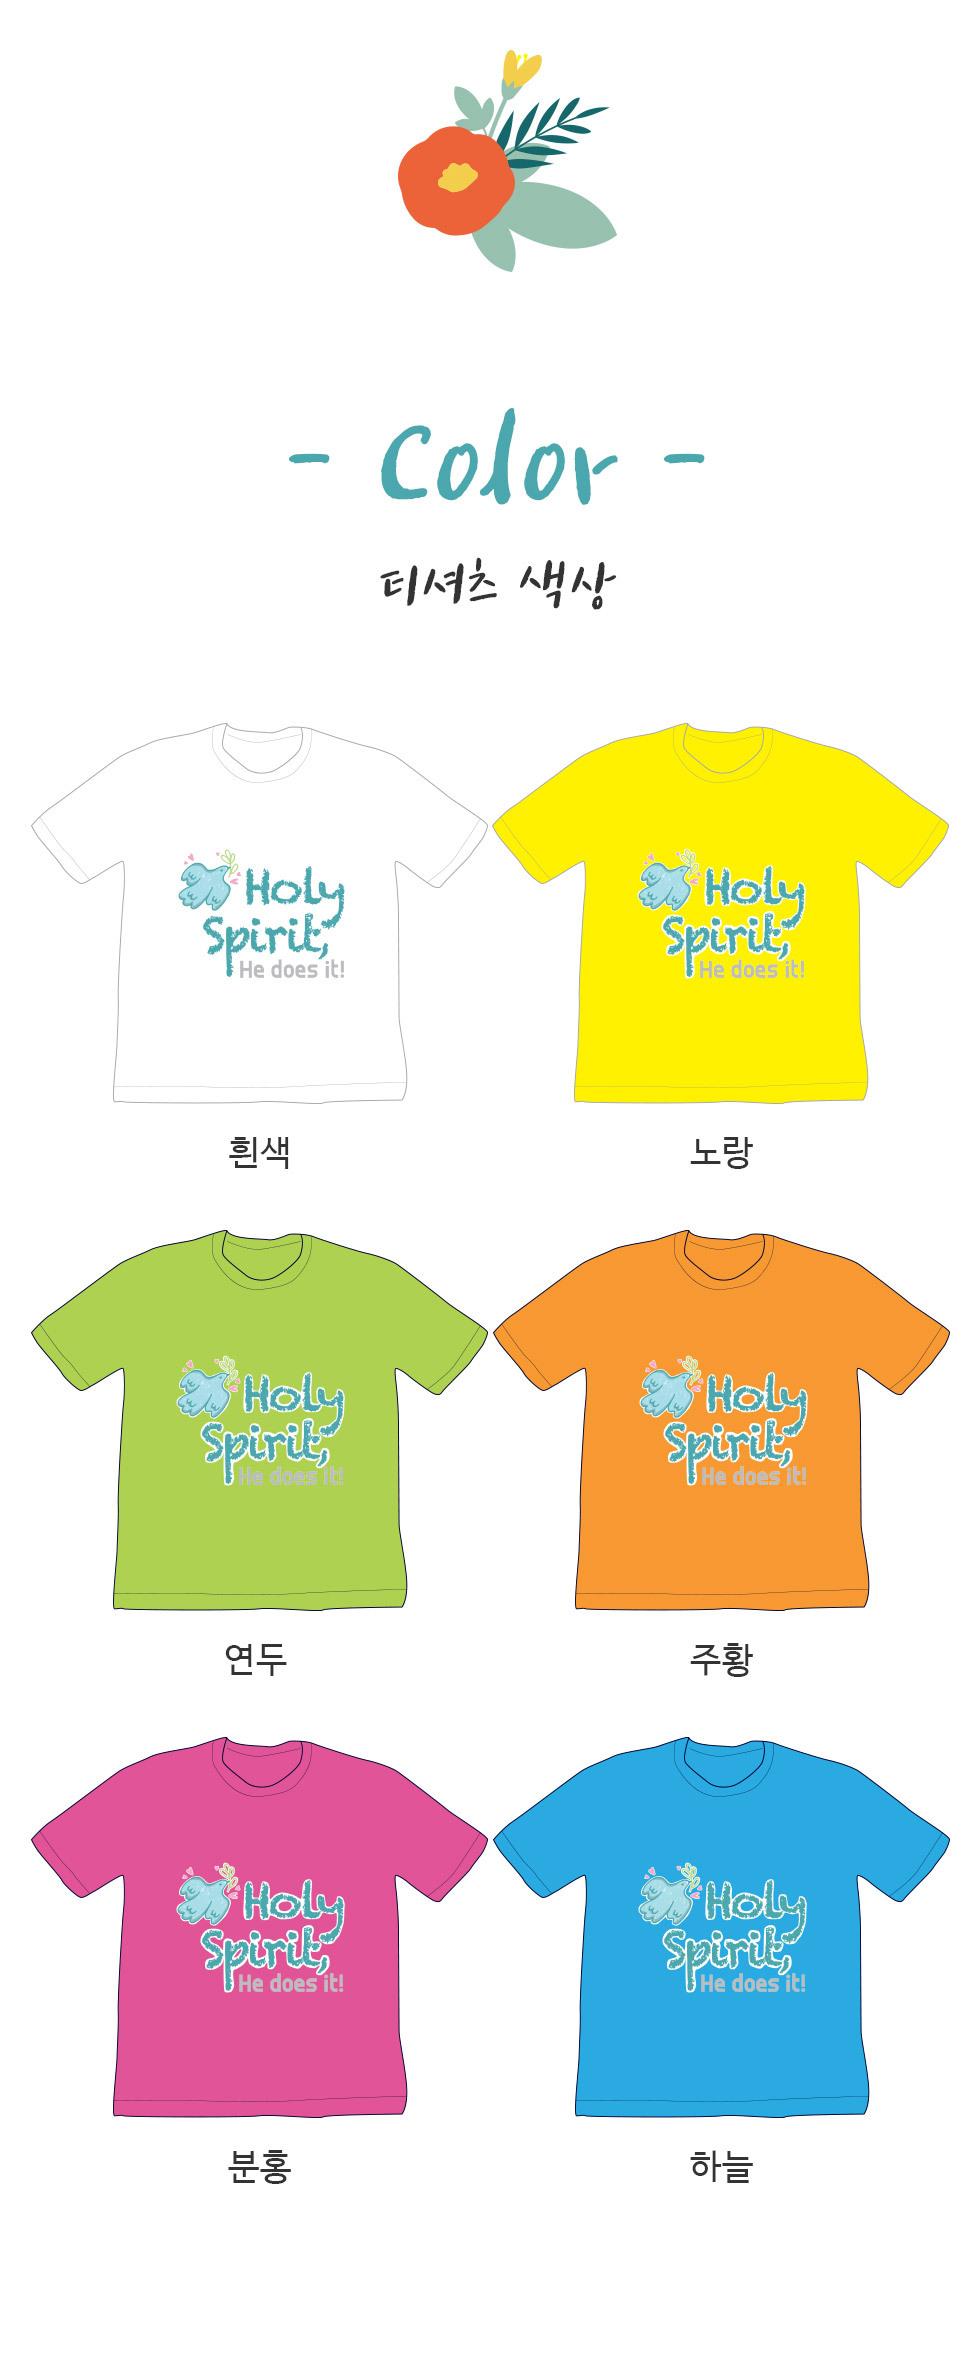 교회 단체티셔츠 성령님이 하신다 (Holy Spirit, He does it!) - 아동티셔츠(비둘기) 티셔츠 색상보기